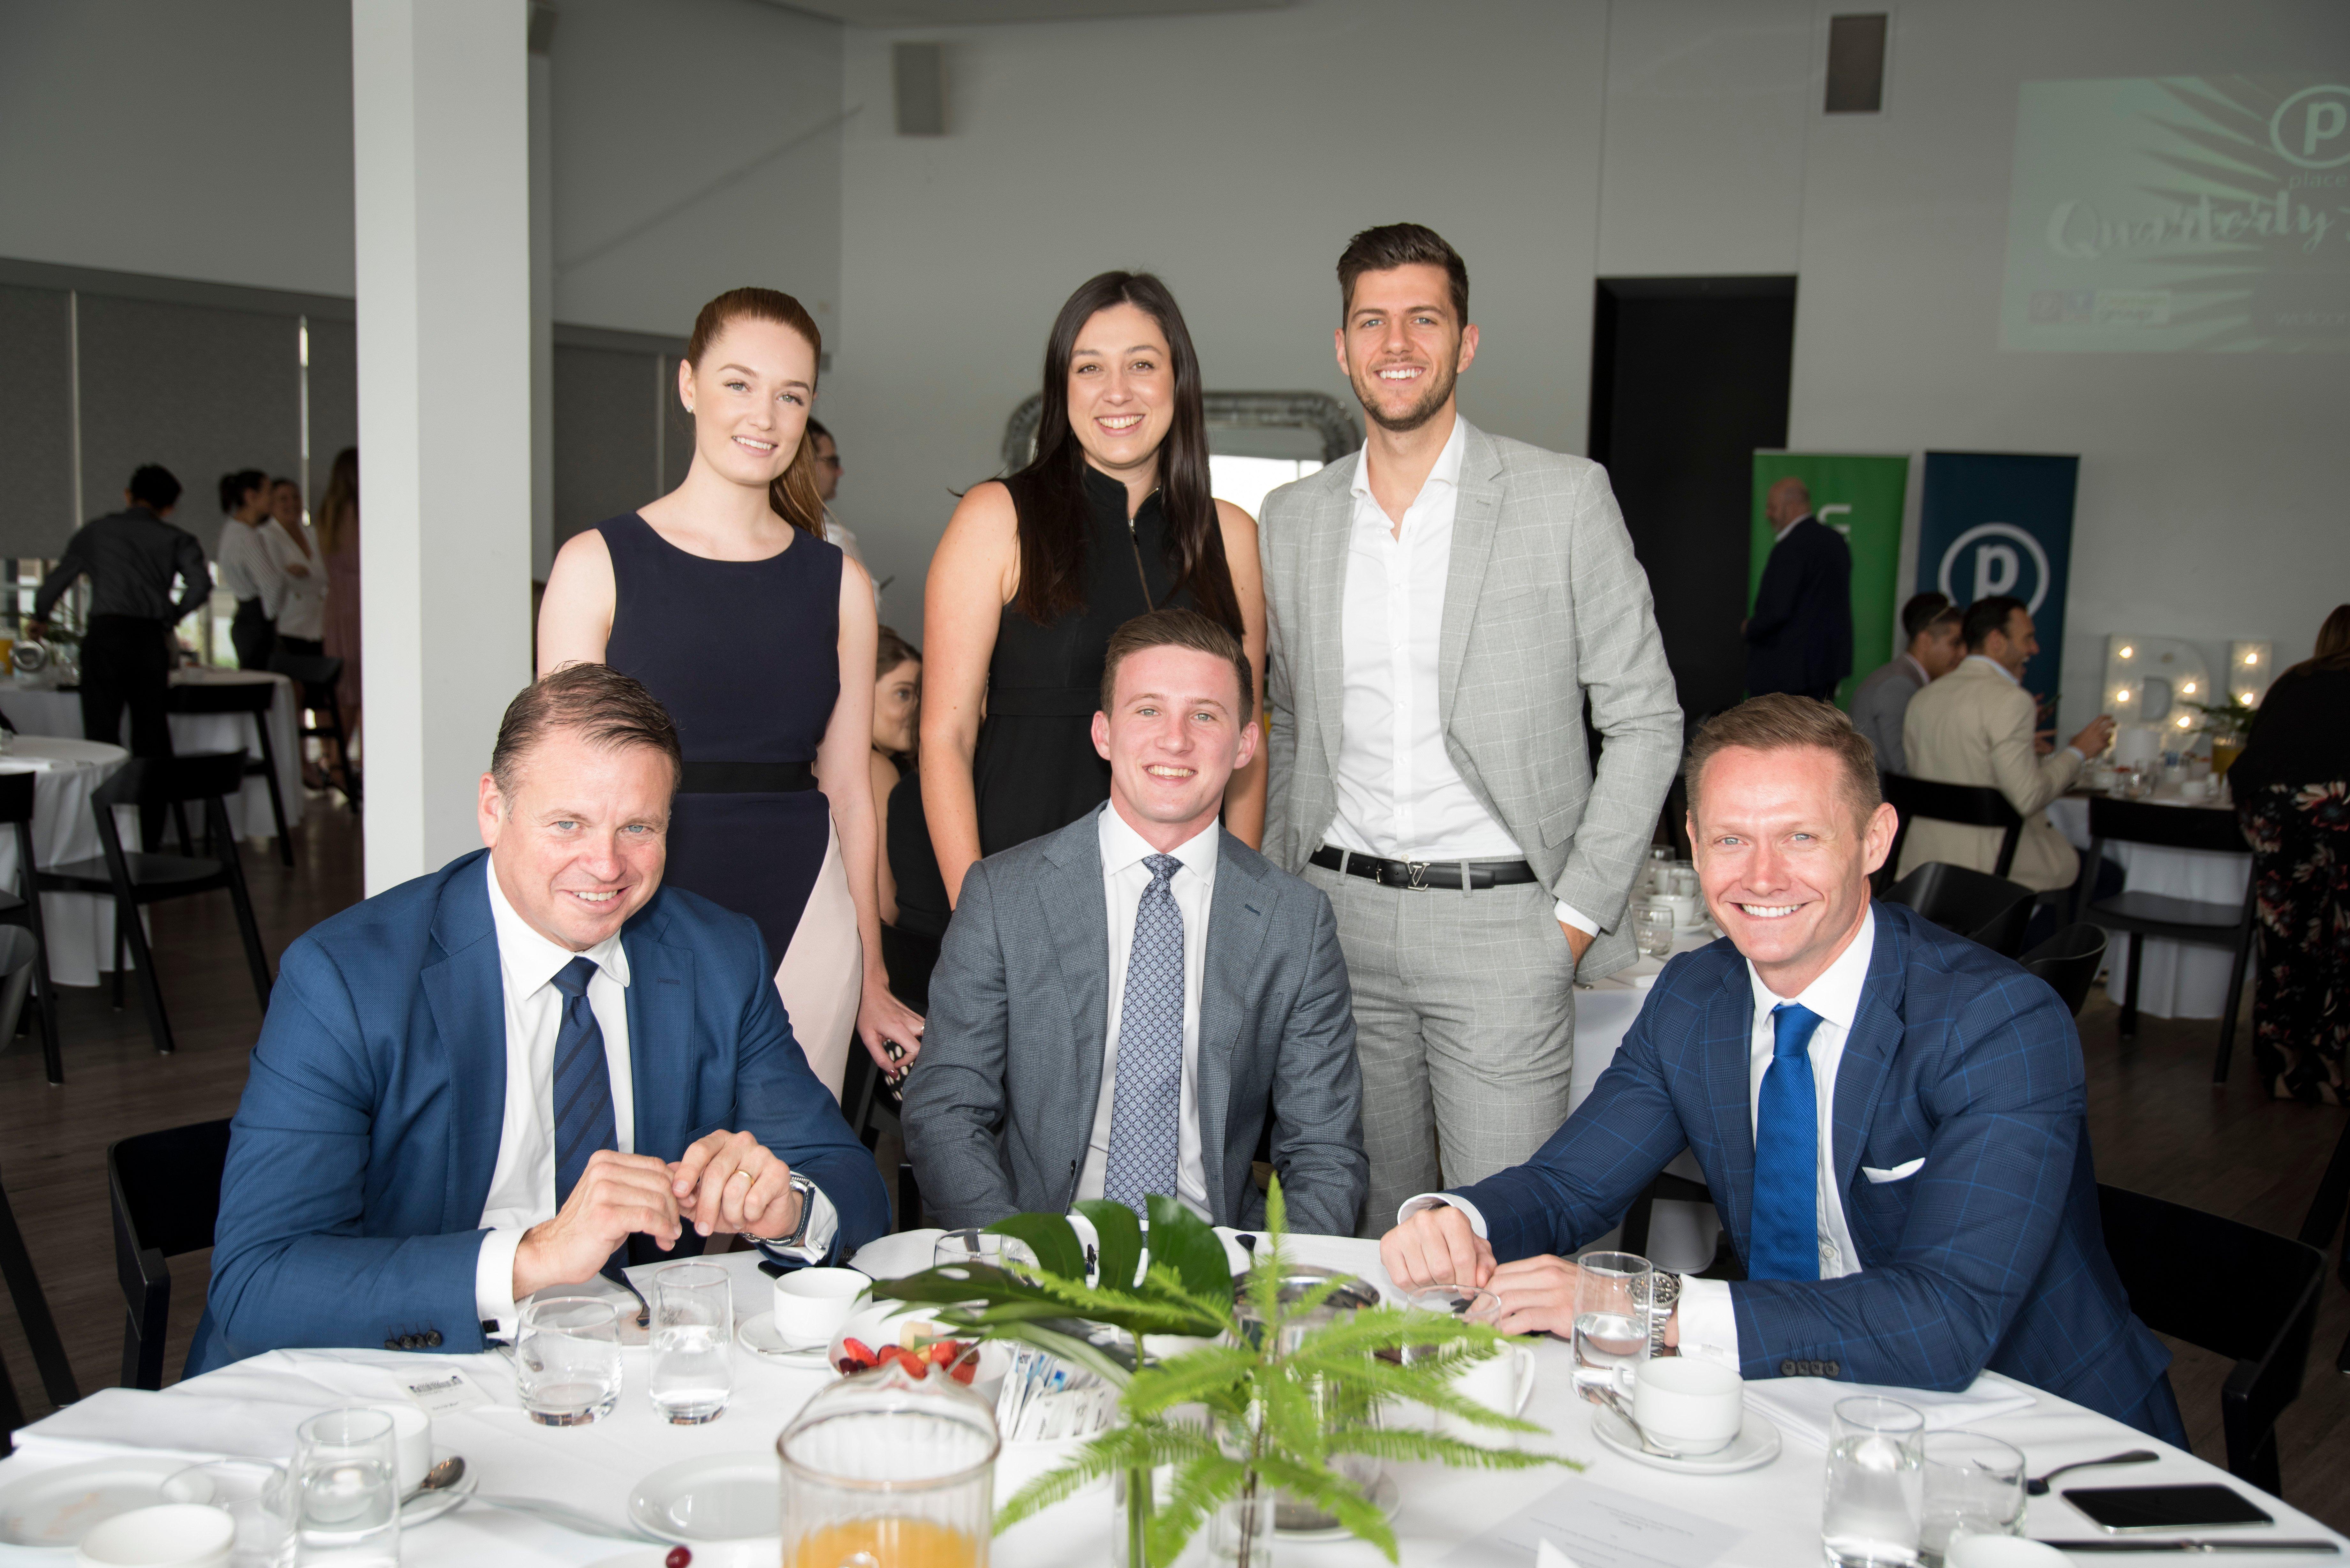 Place Estate Agents Team Photo